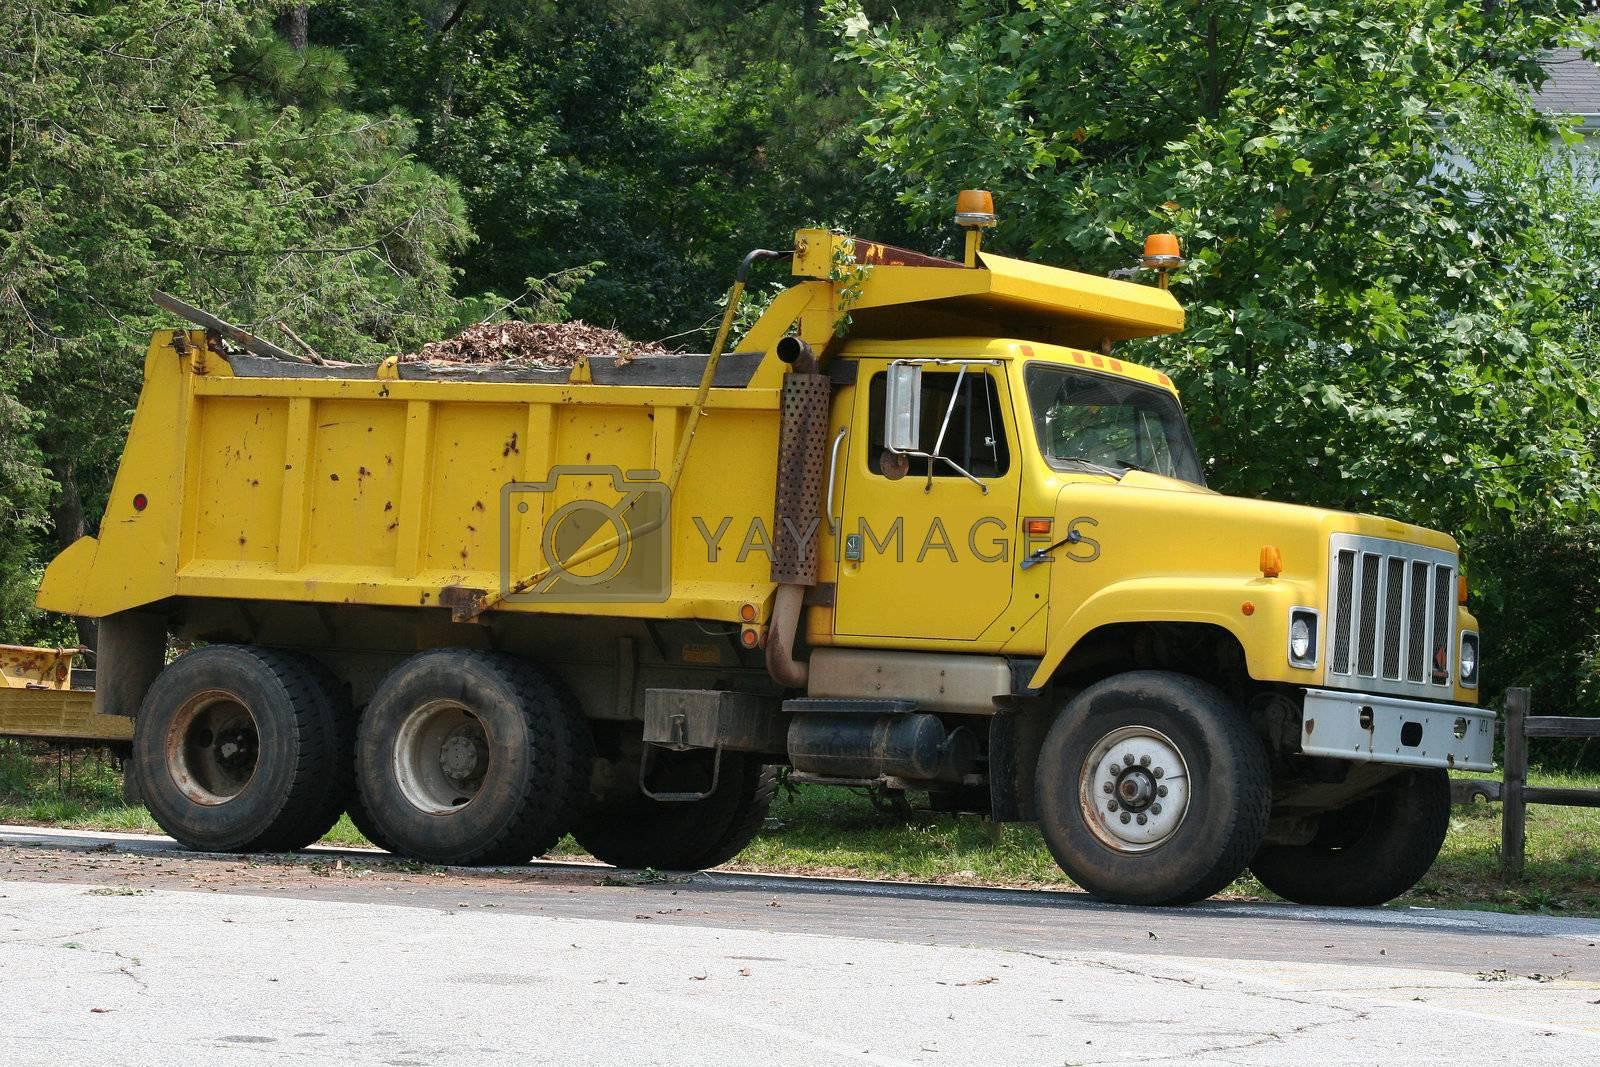 Dump Truck 2 by dbvirago